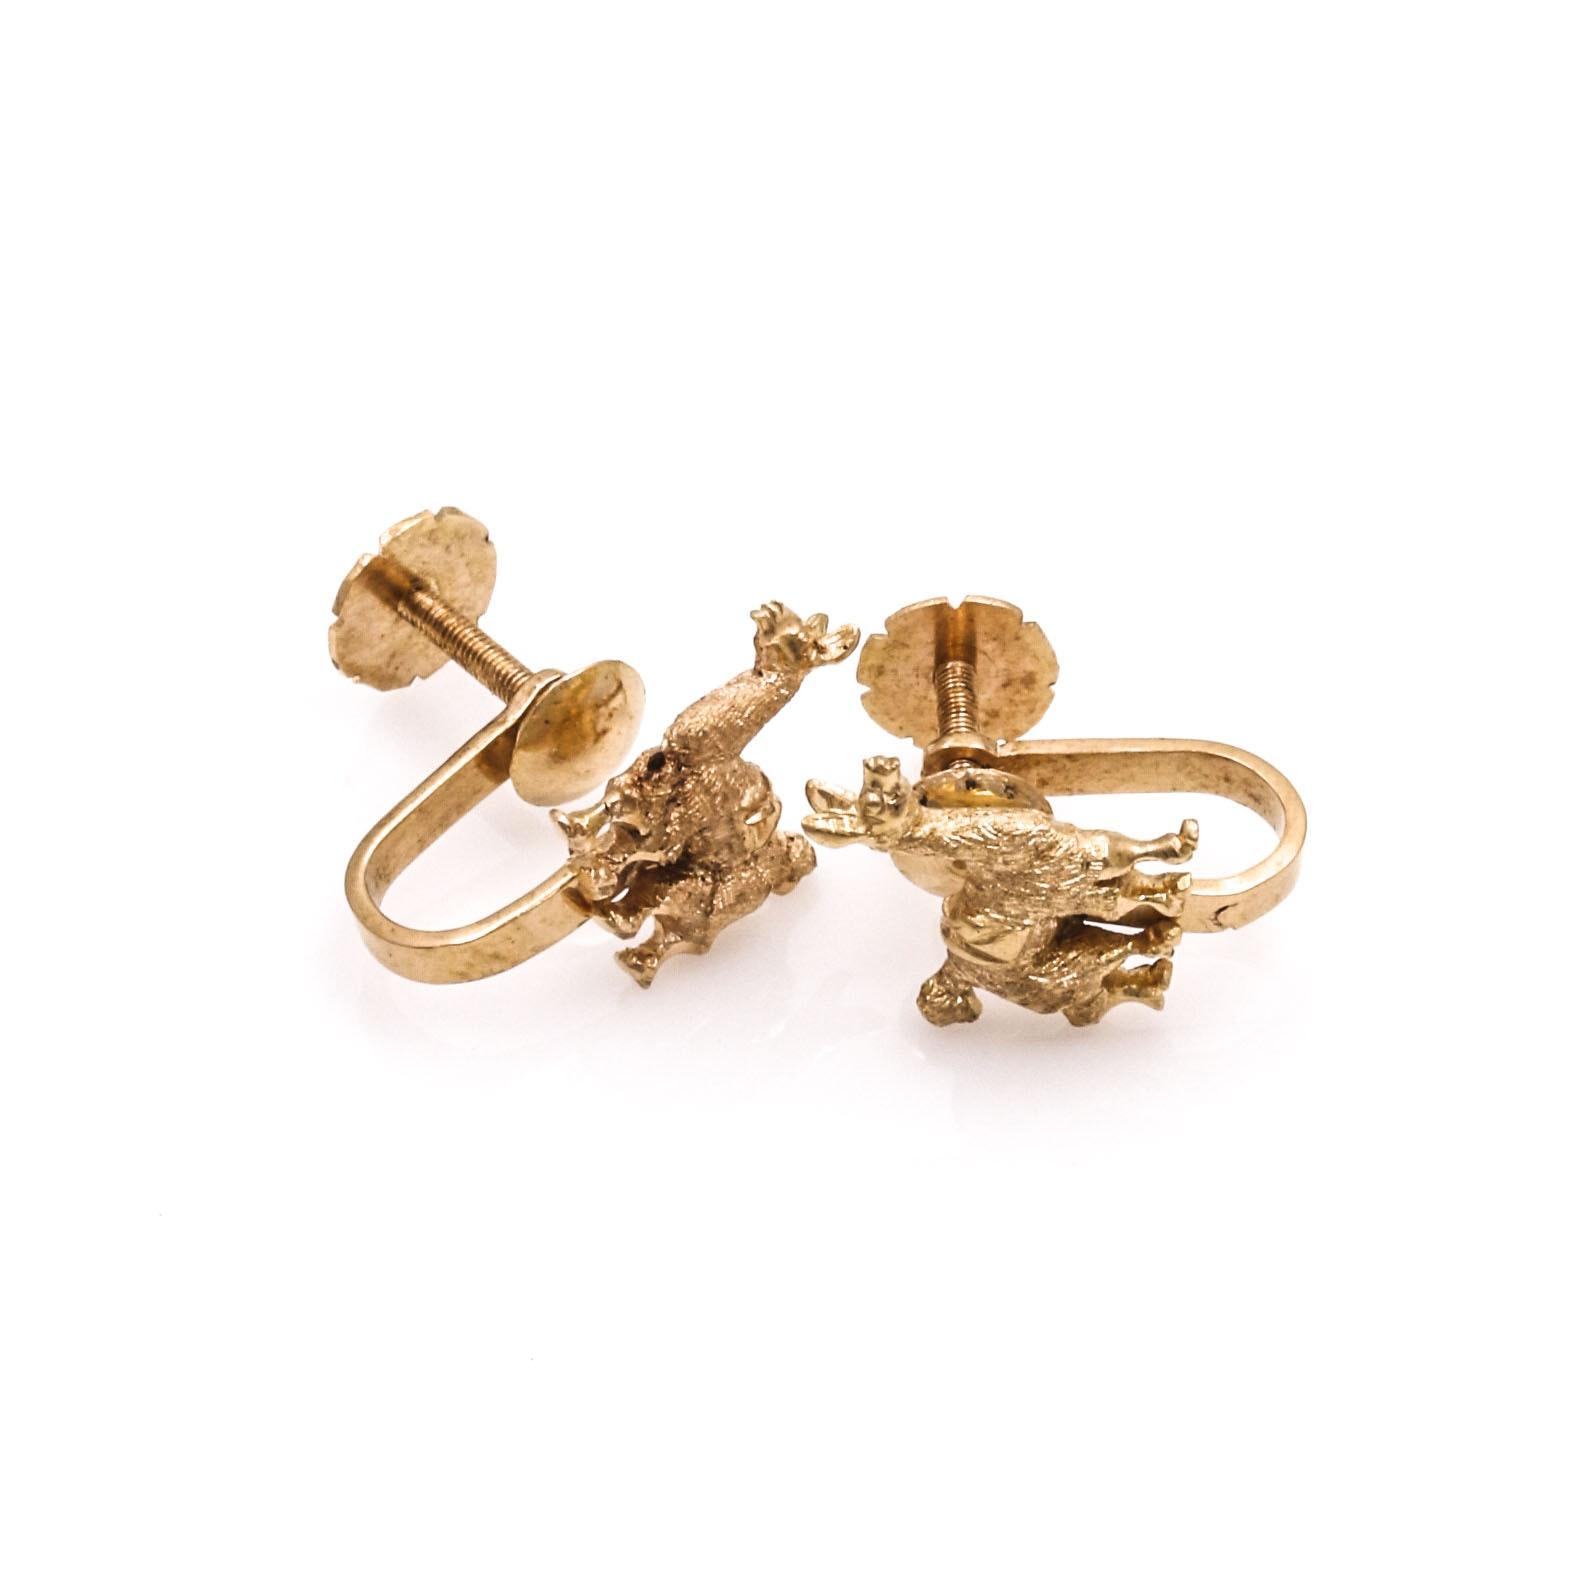 18K Gold Llama Earrings